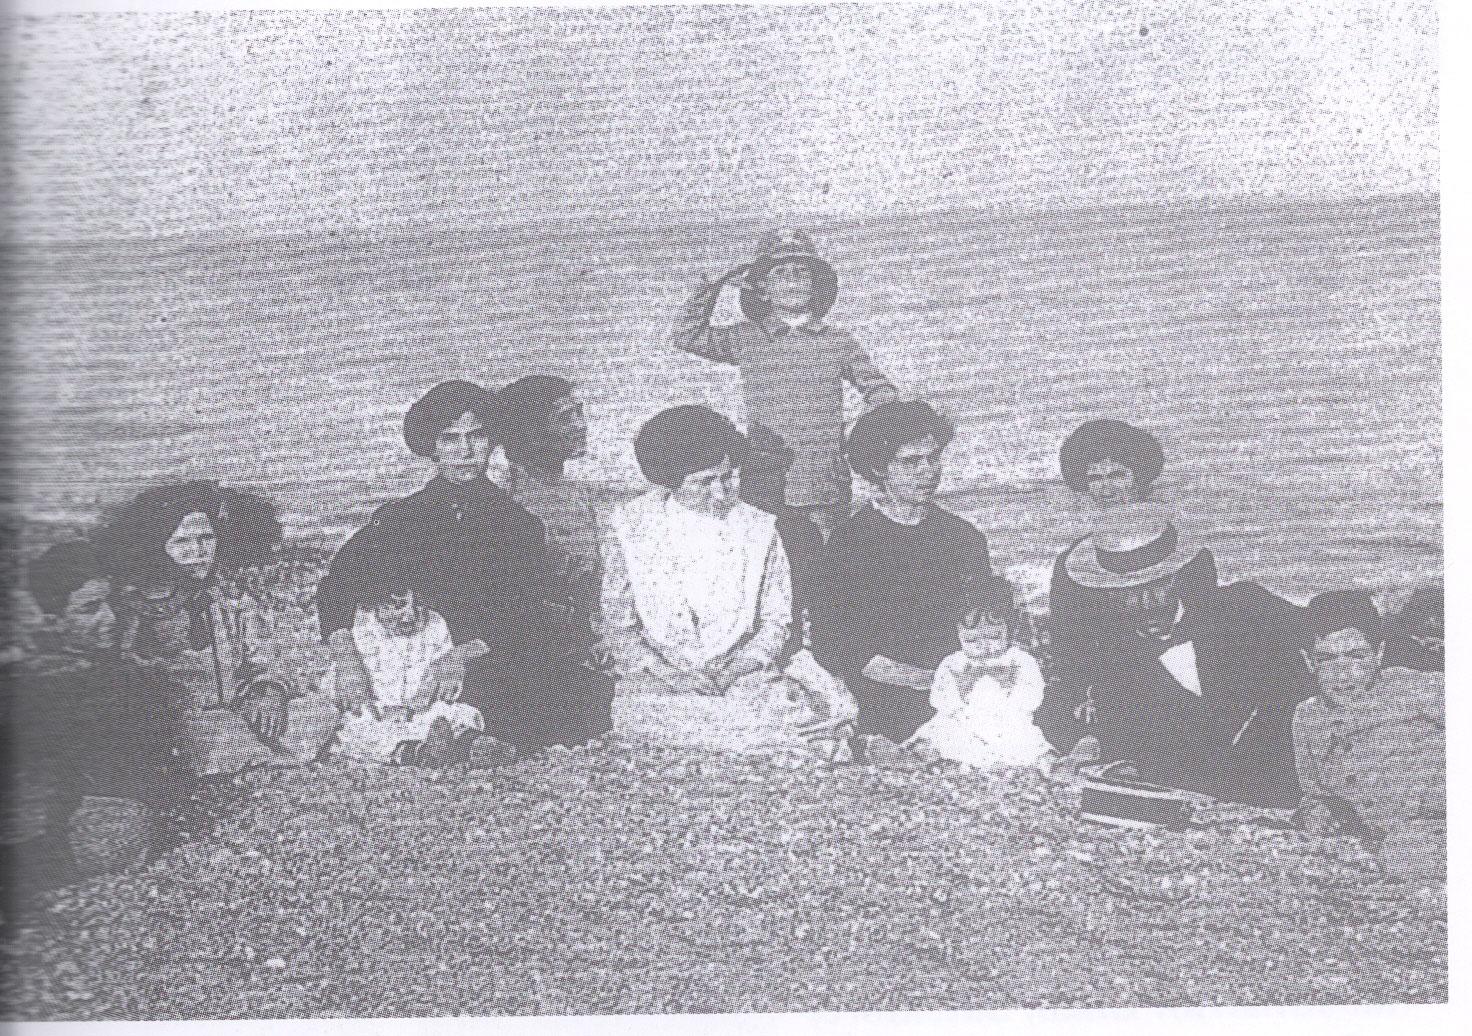 La famiglia Quasimodo sulla spiaggia di Roccalumera: a destra, il piccolo Salvatore